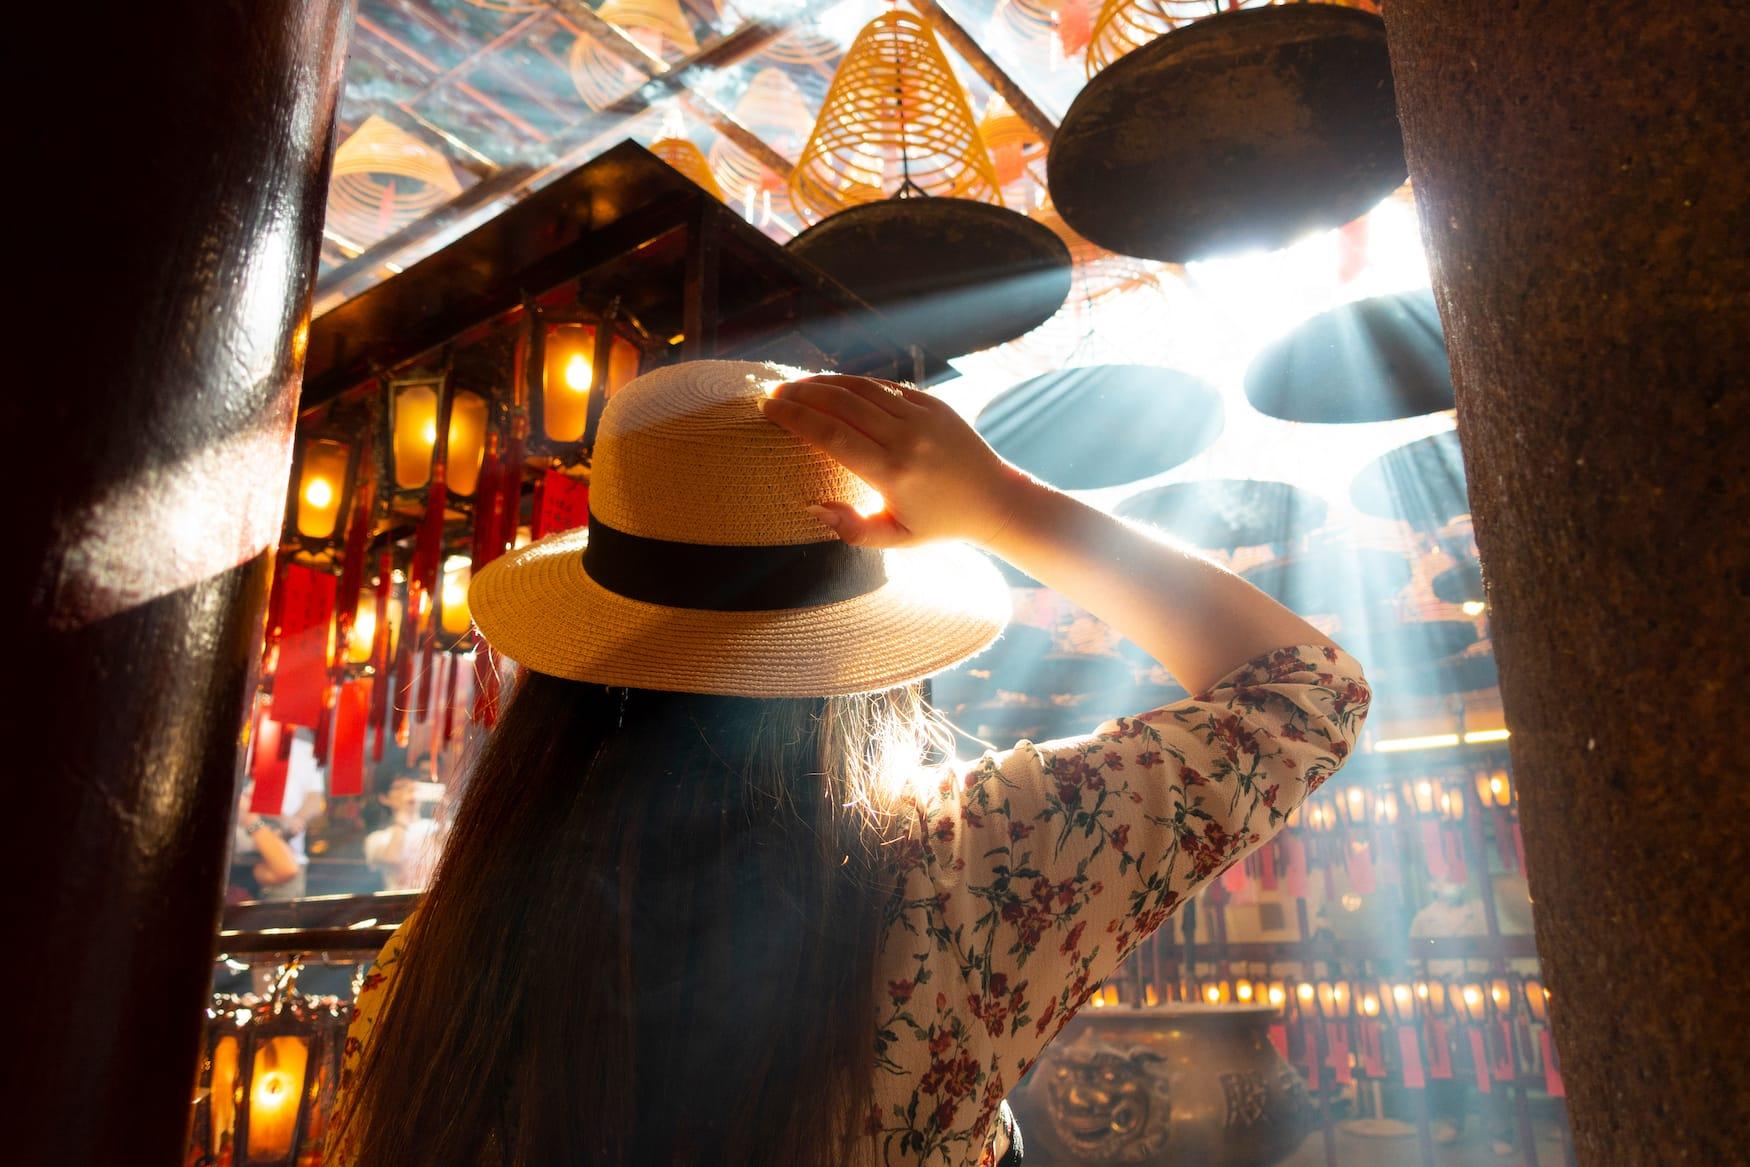 Touristin in Tempel in Hongkong zum chinesischen Neujahrsfest im Jahr des Büffels